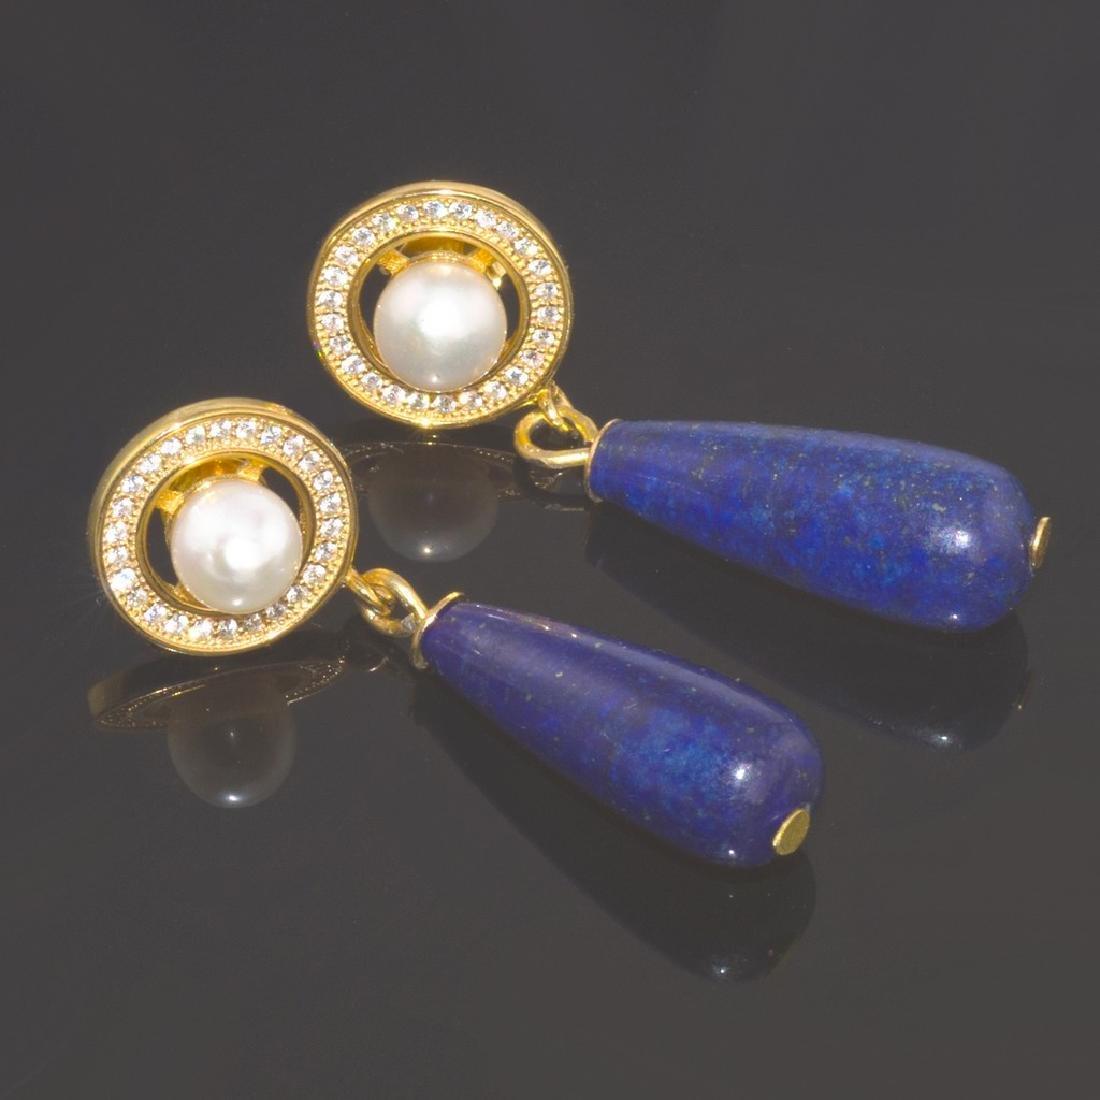 Afghan Lapis lazuli Earrings - 2